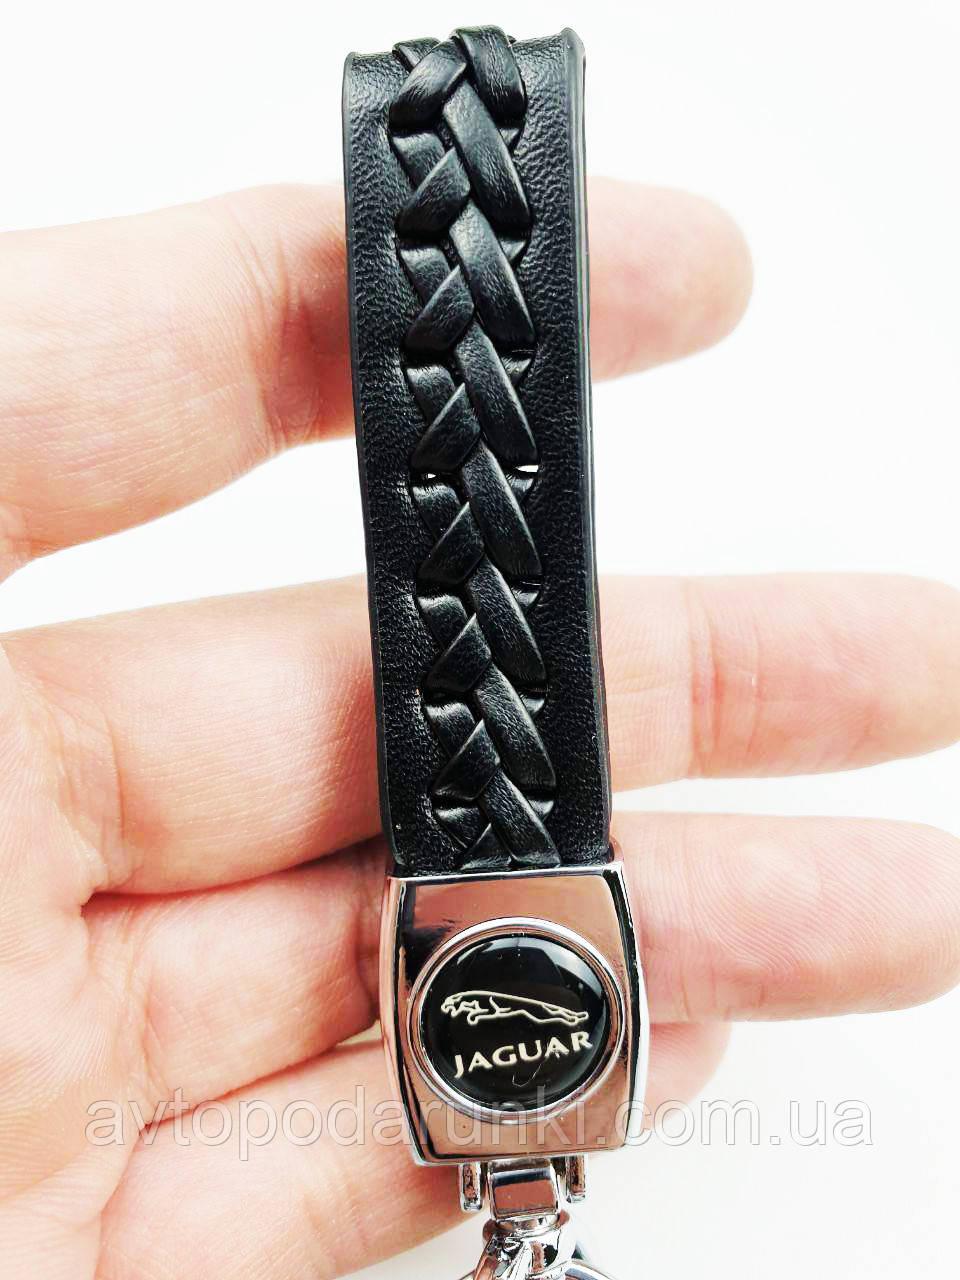 Брелок для авто ключей JAGUAR (натуральная  кожа, универсальное крепление, черный)